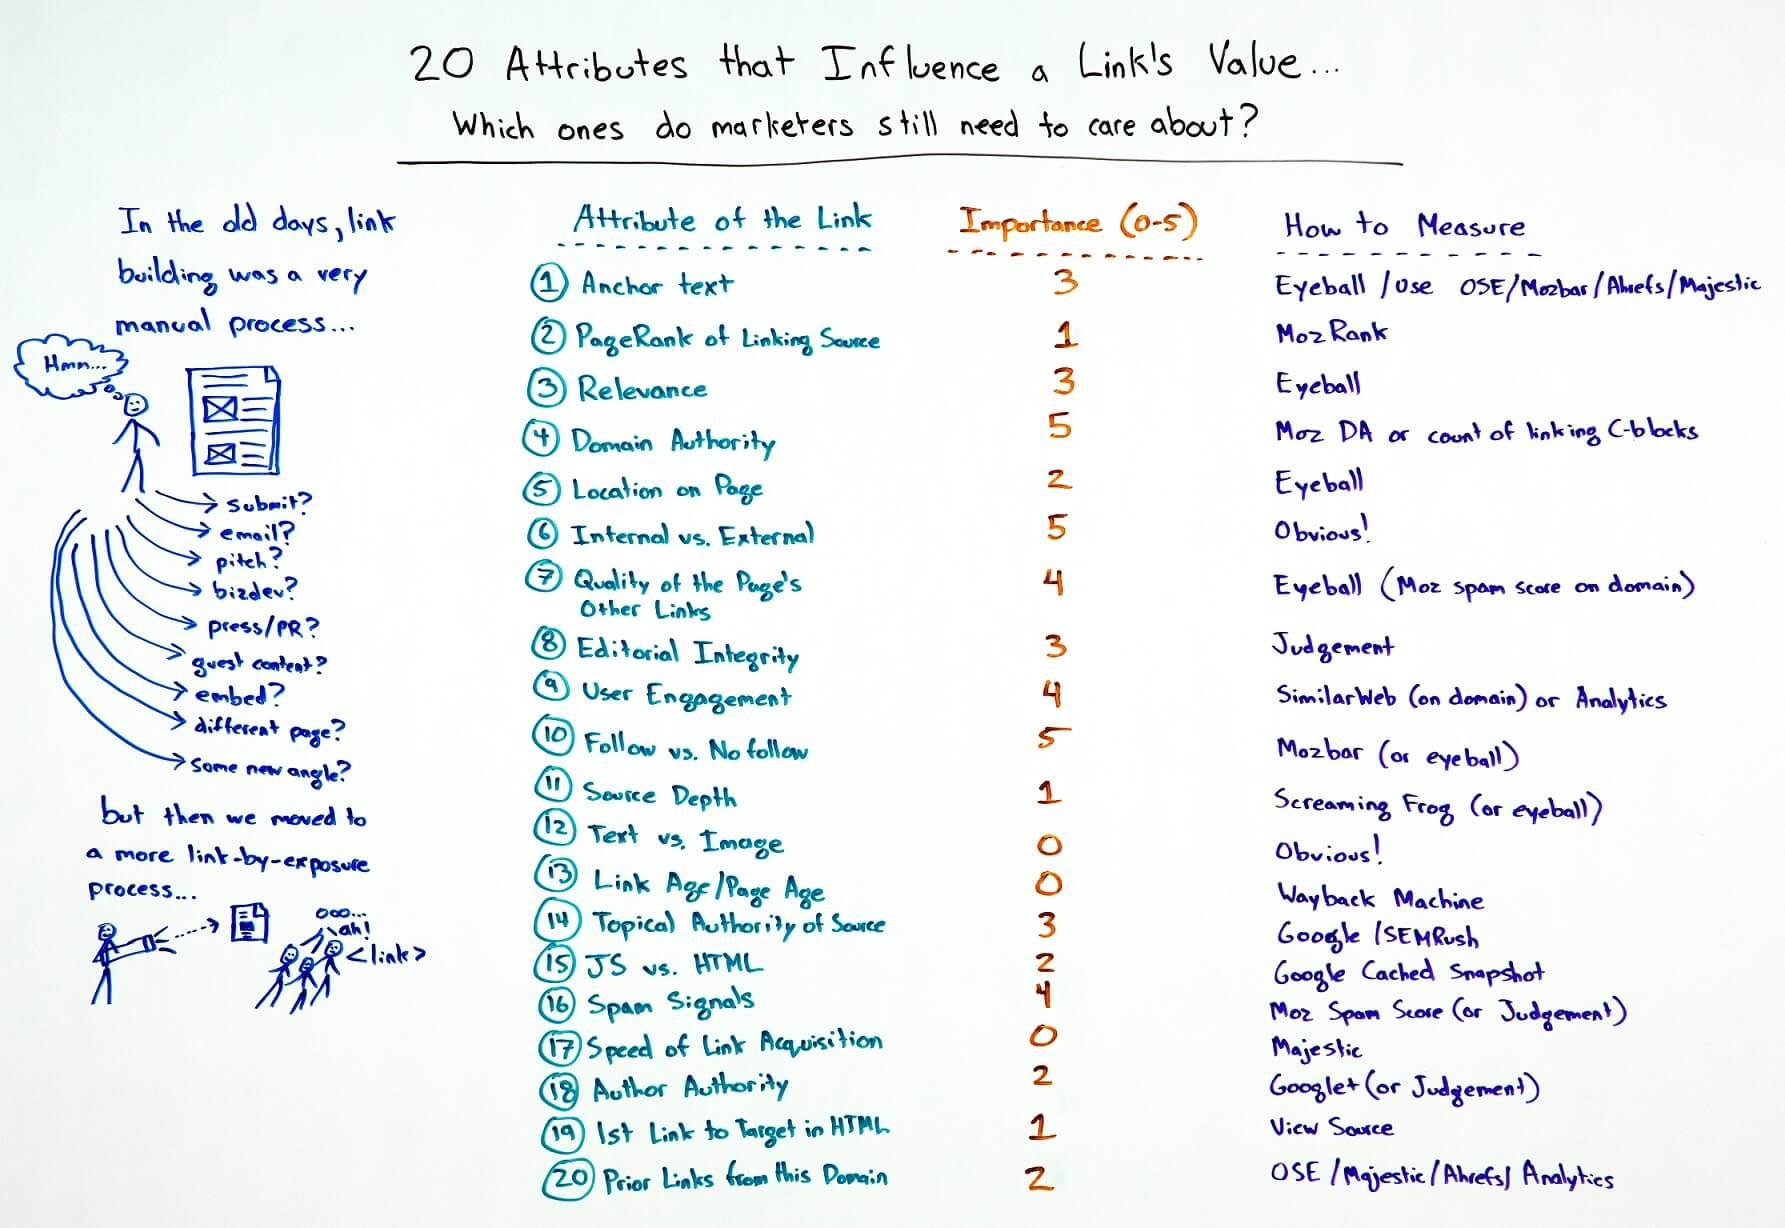 20 Atributos que influyen en el valor de los Links